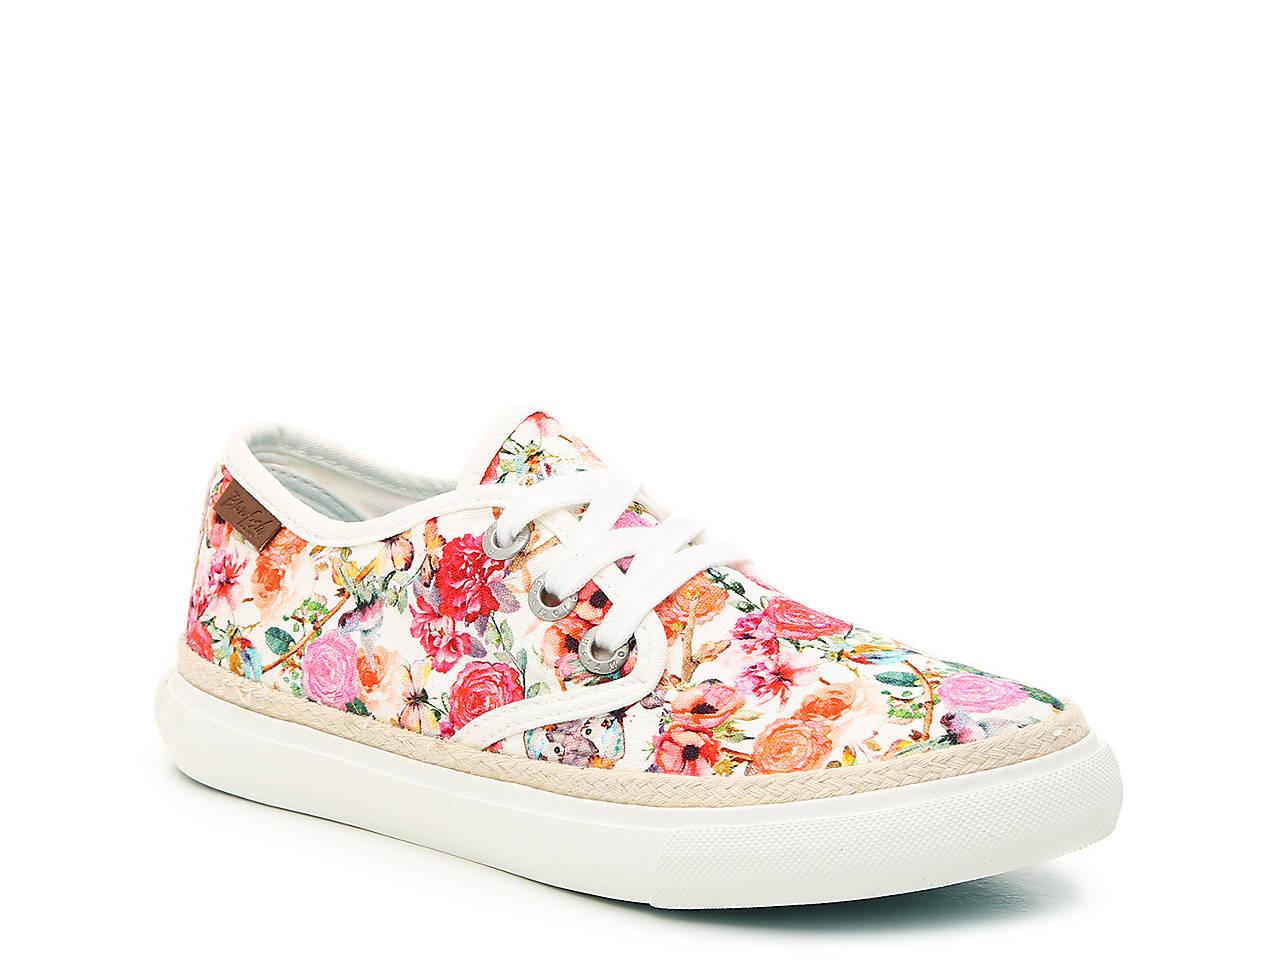 769f35dbf4c17 Blowfish Milos Sneaker Women's Shoes | DSW